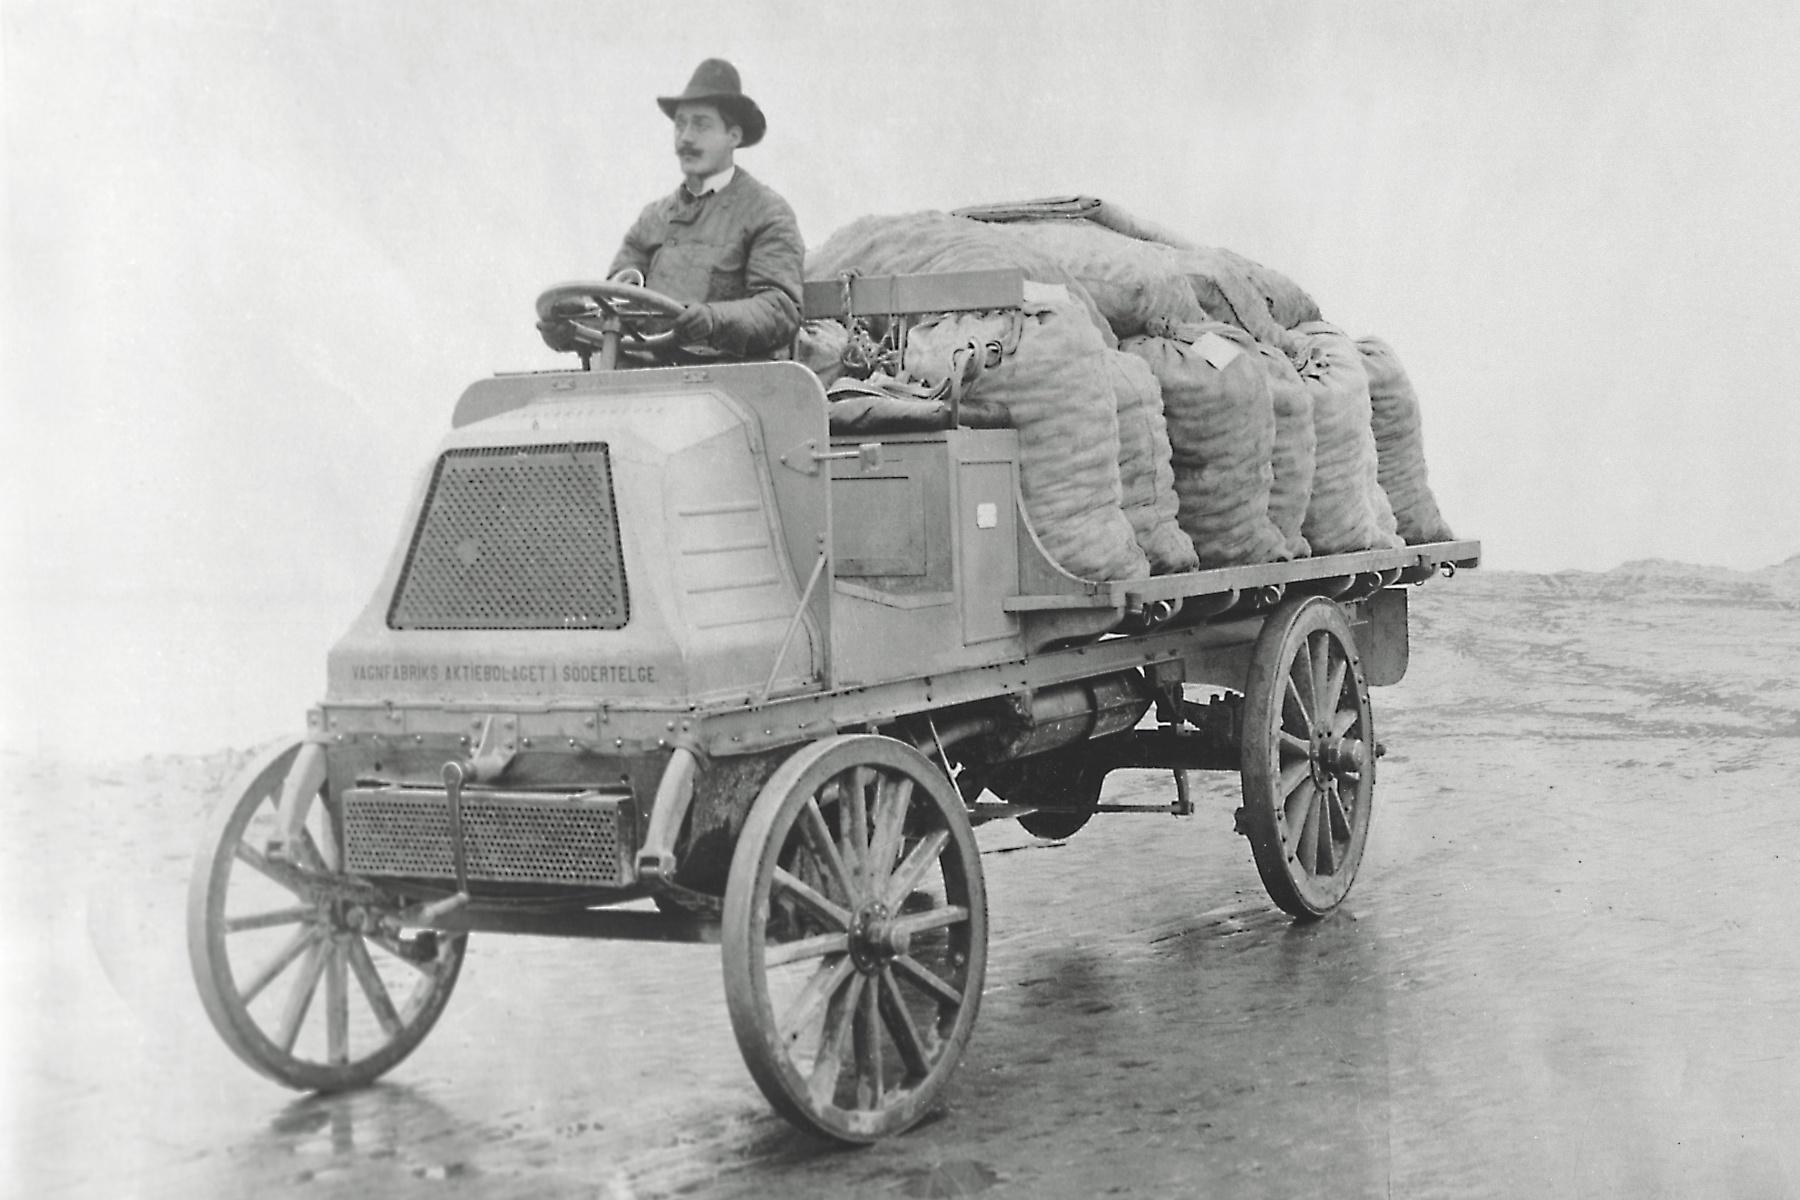 革新の文化を継続してきた「スカニアトラック117年の歴史」